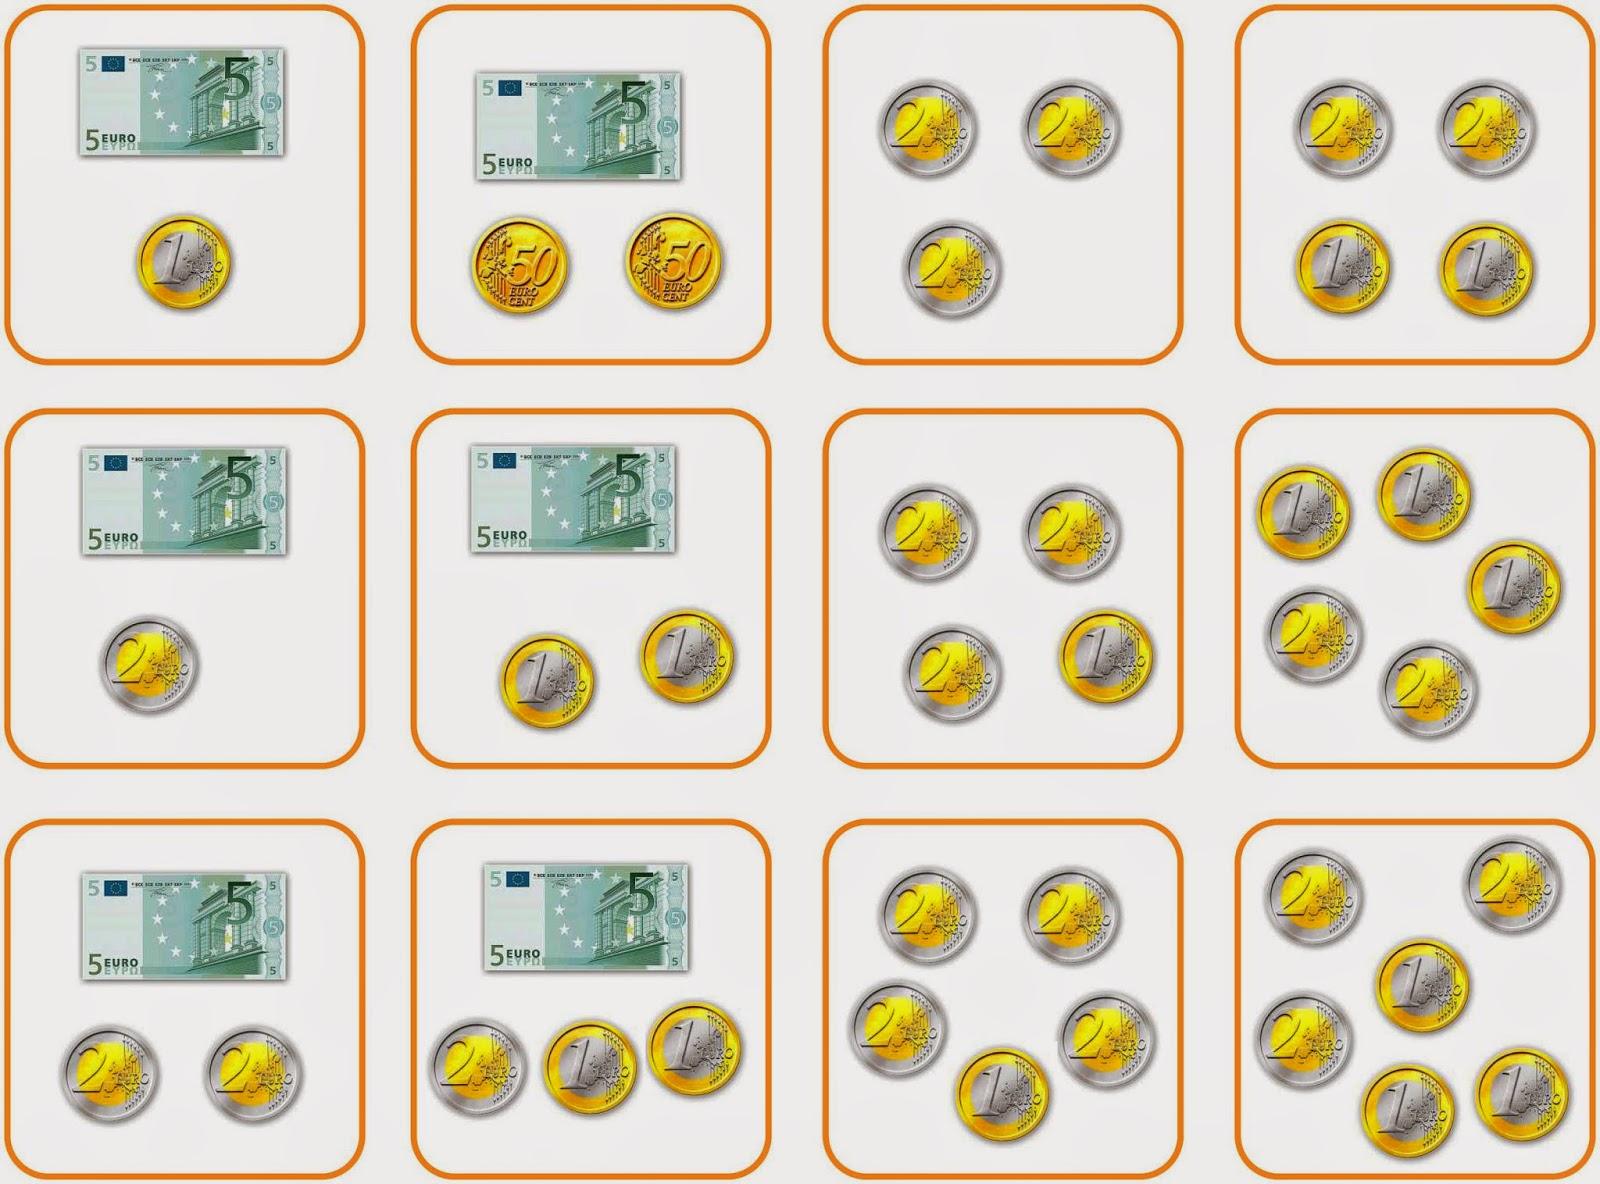 Lernstubchen Stationskarten Zum Geld Fortsetzung